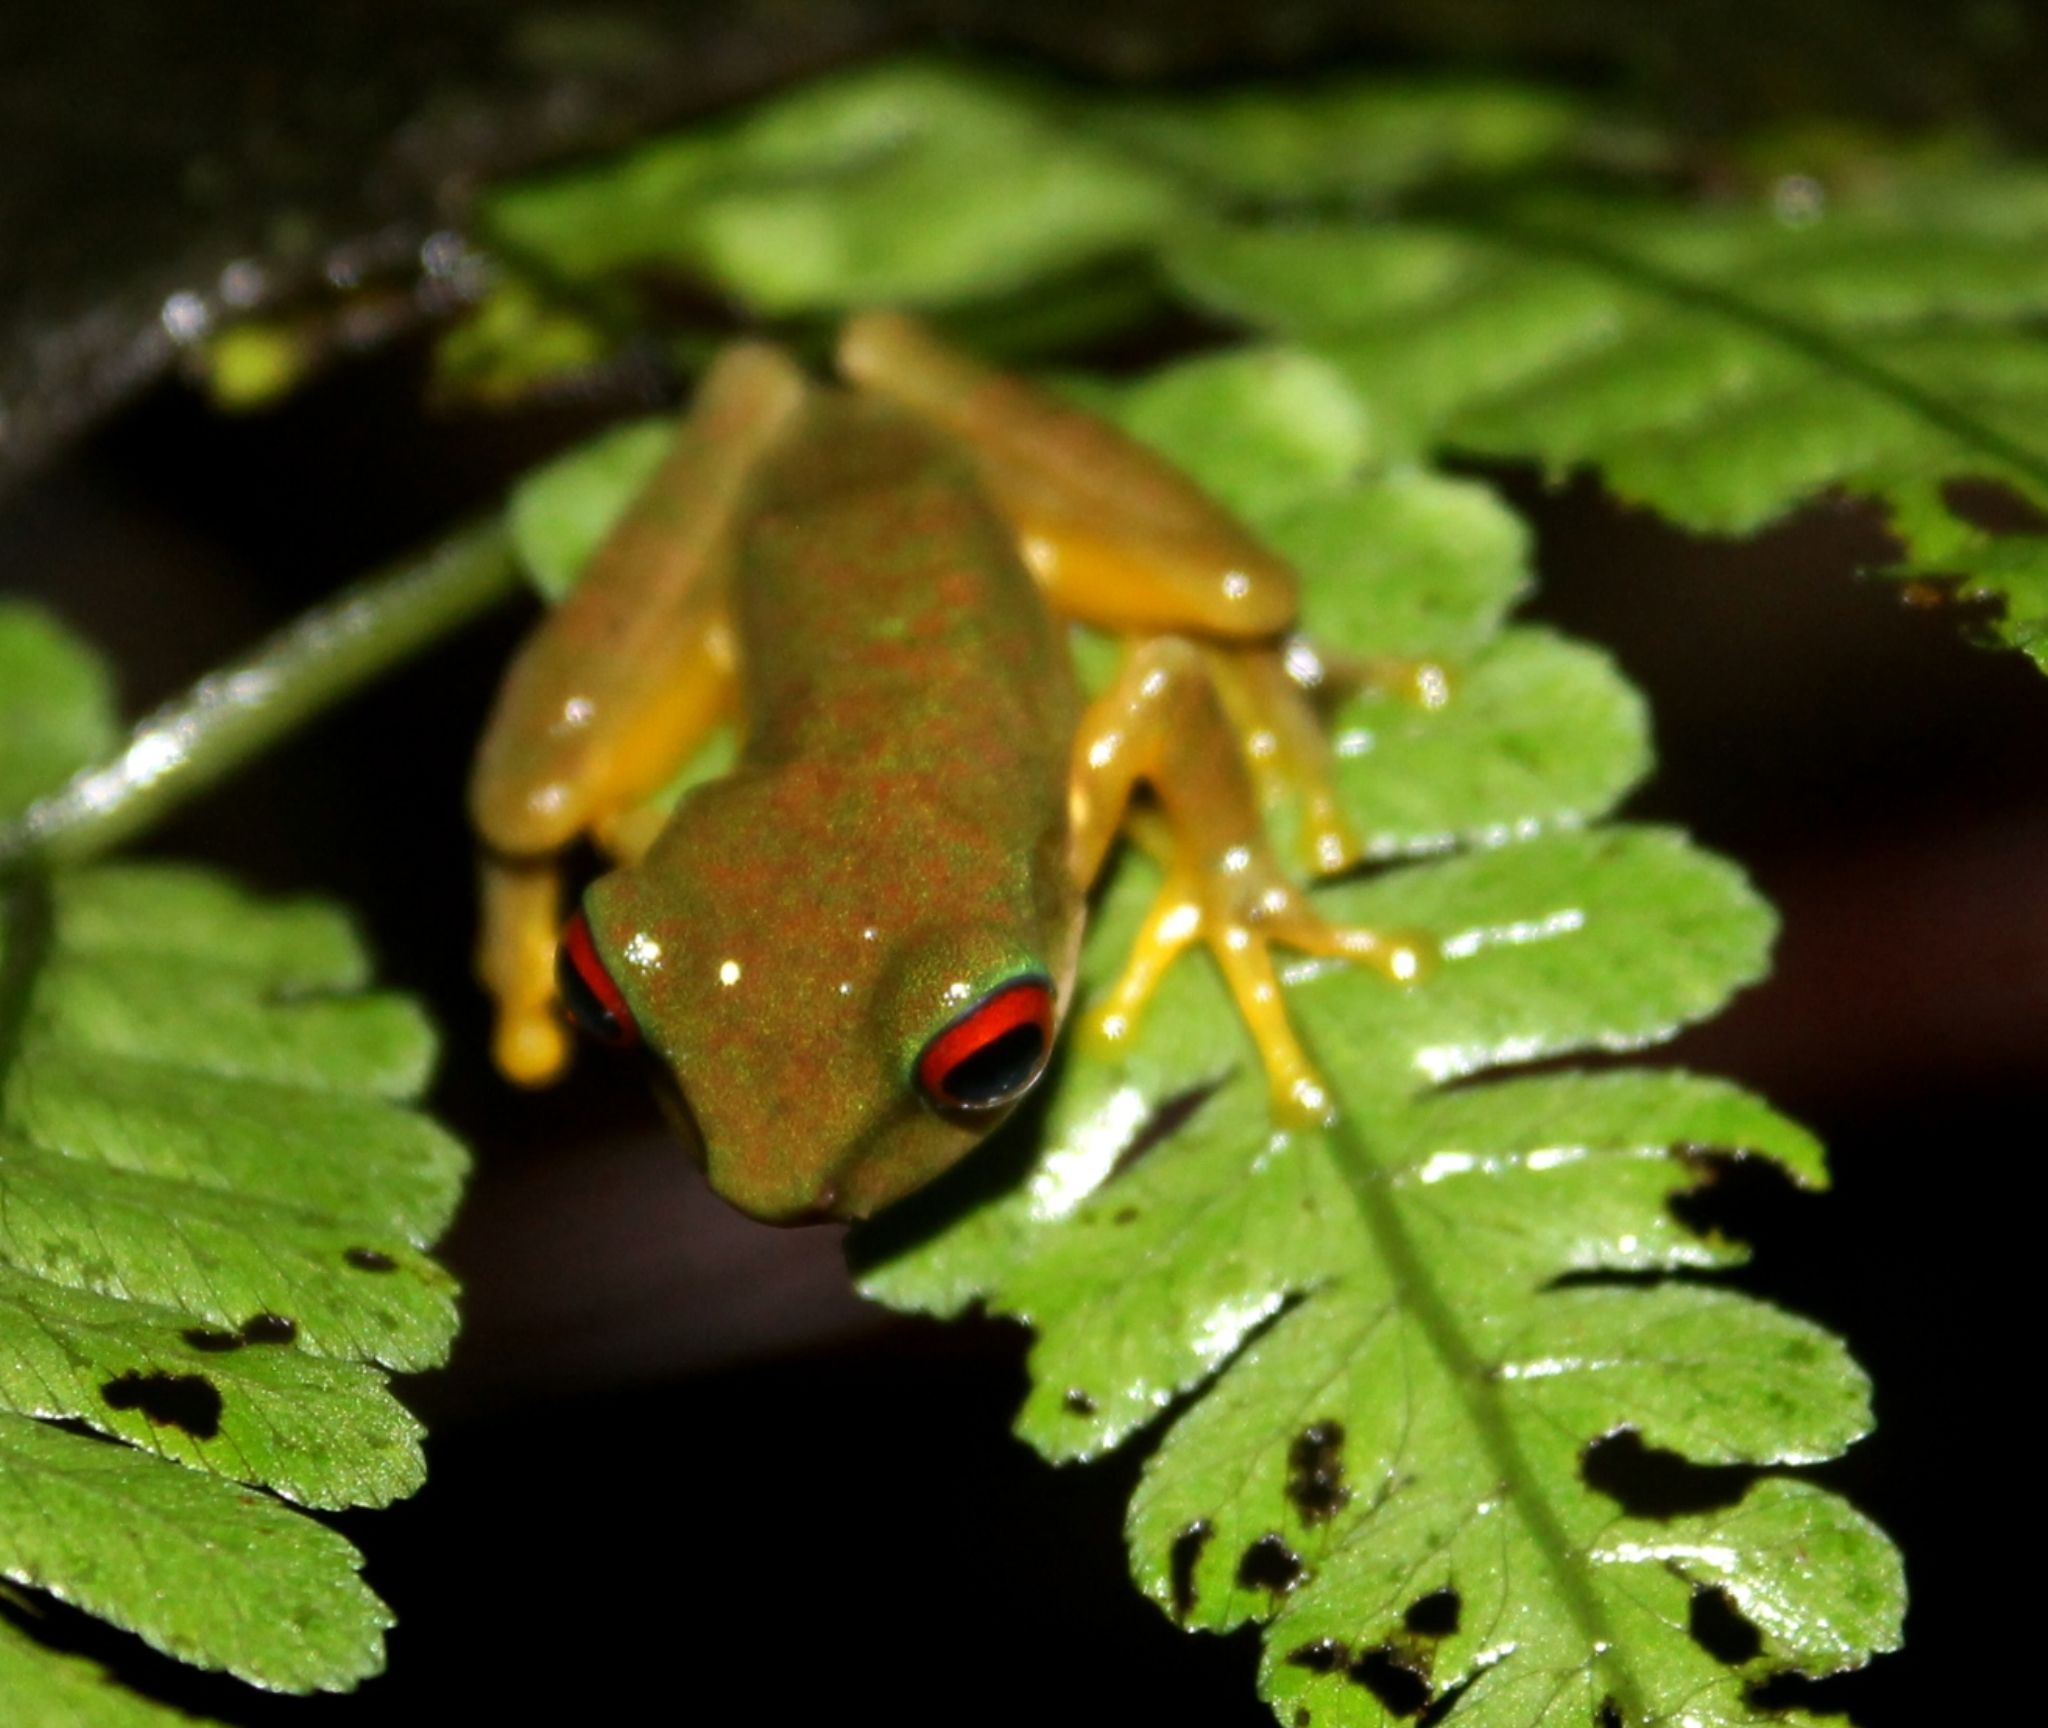 Frog by renzo.sturmo